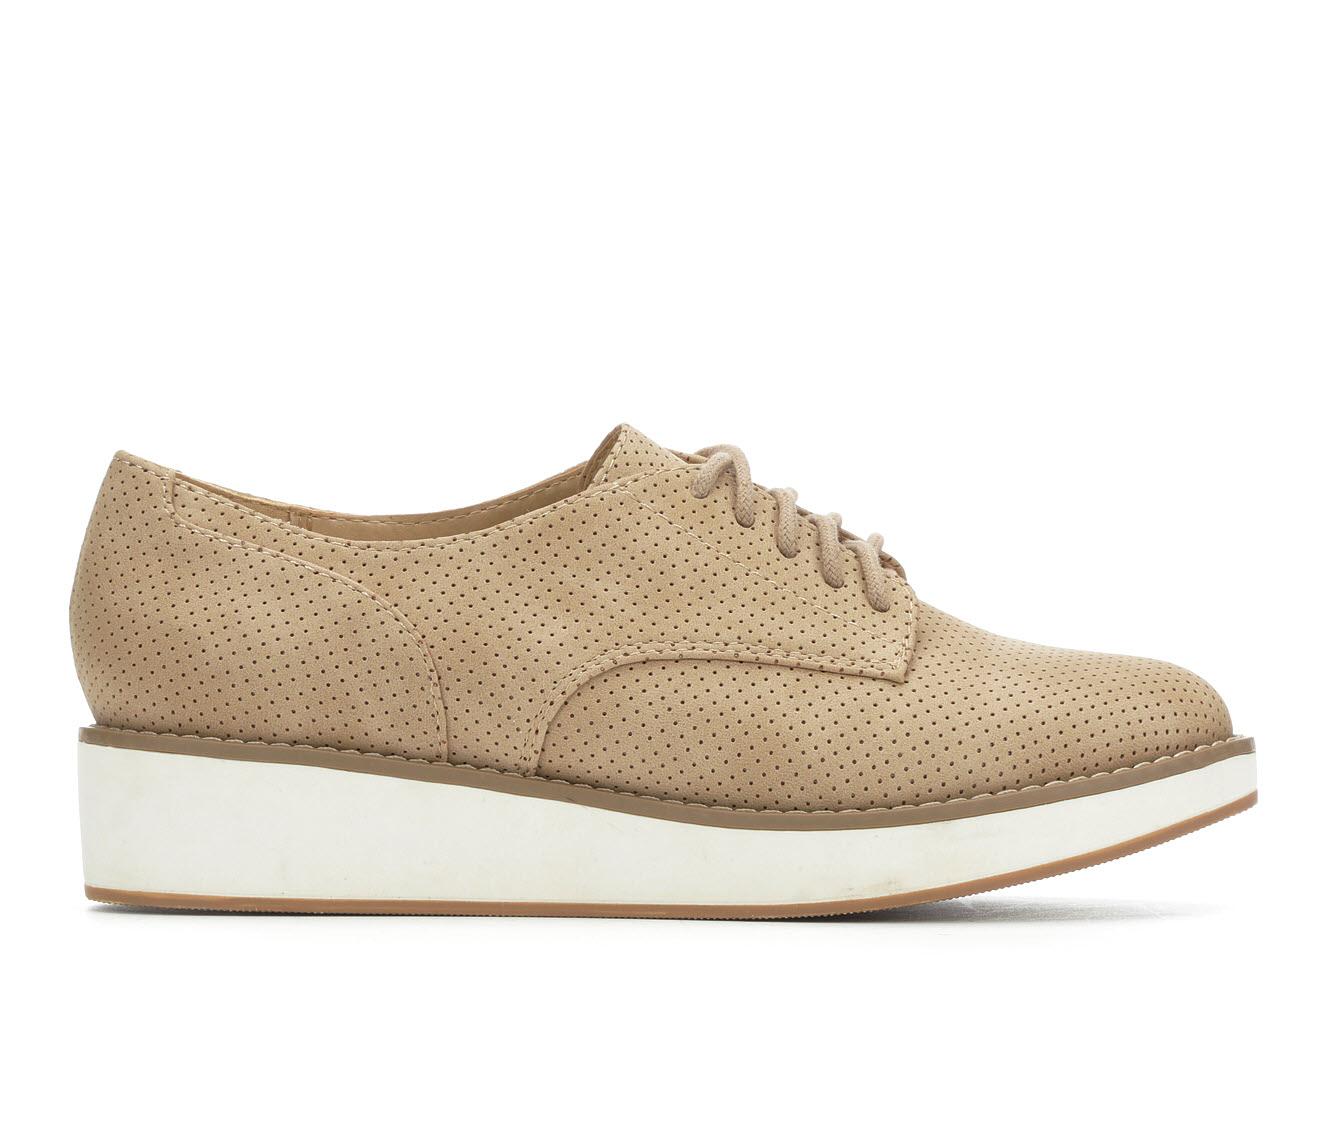 Y-Not Amiee Women's Shoe (Beige Faux Leather)